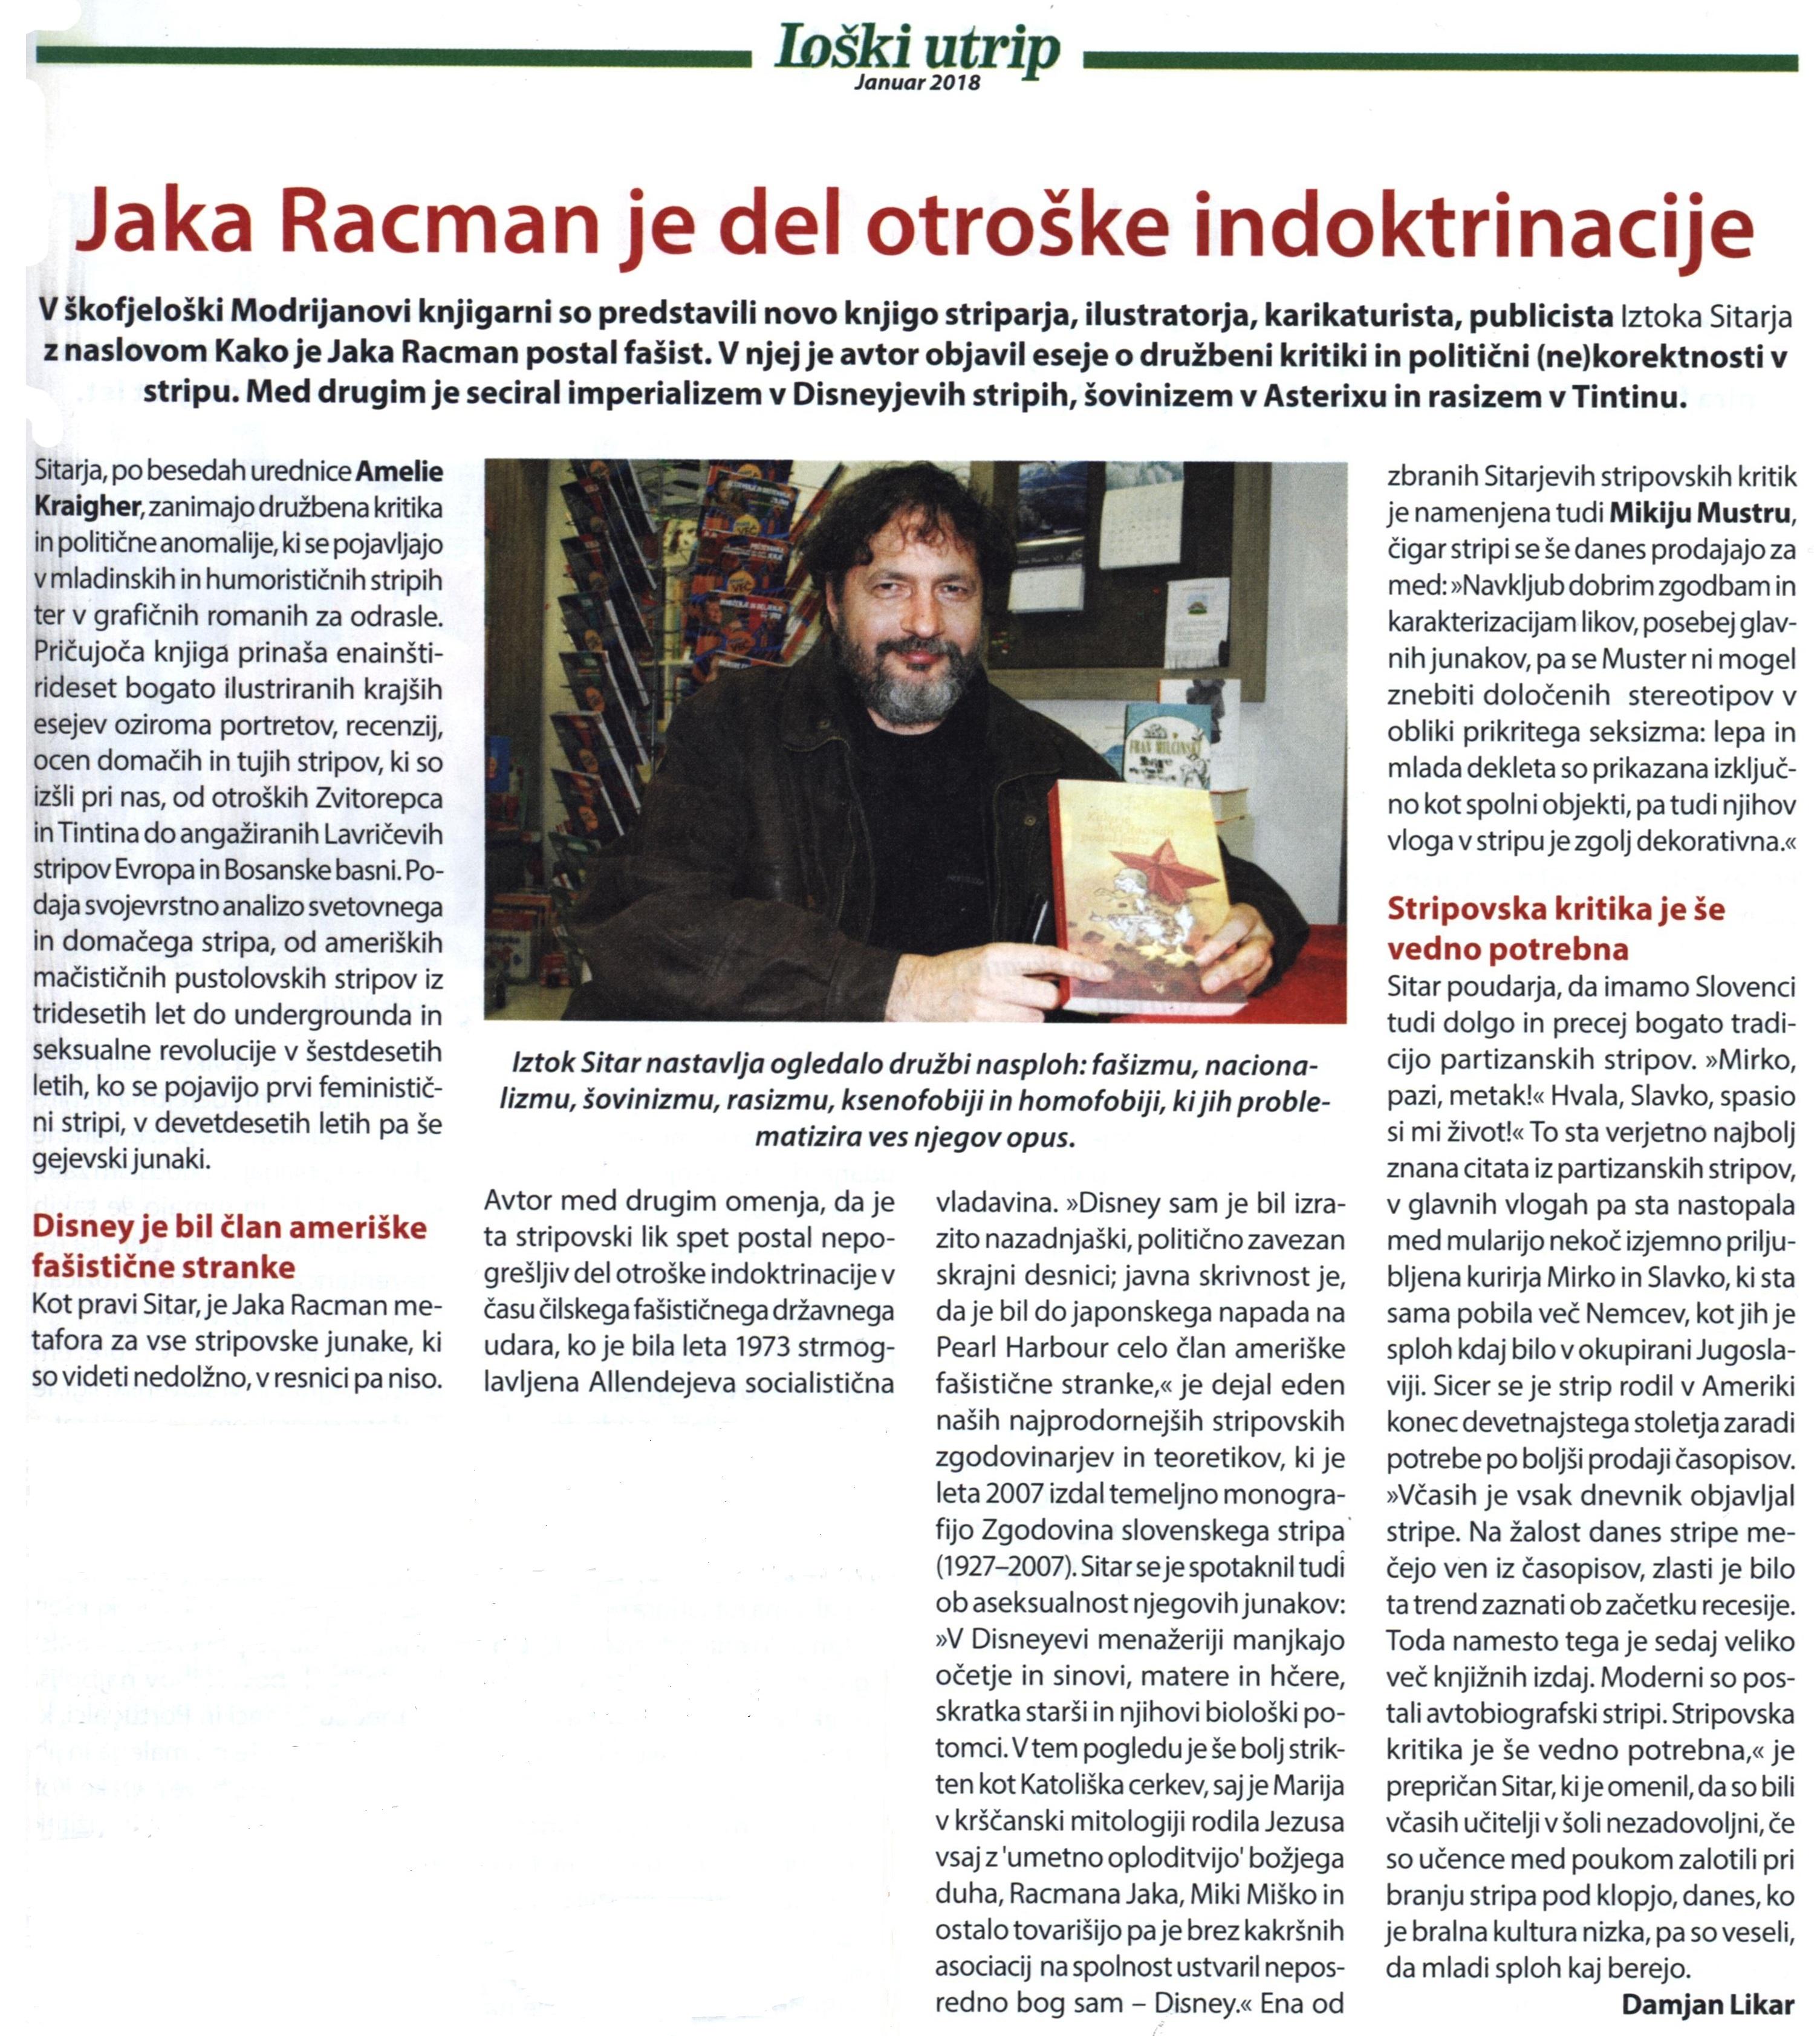 Iztok Sitar, Kako je Jaka Racman postal fašist, Loški utrip